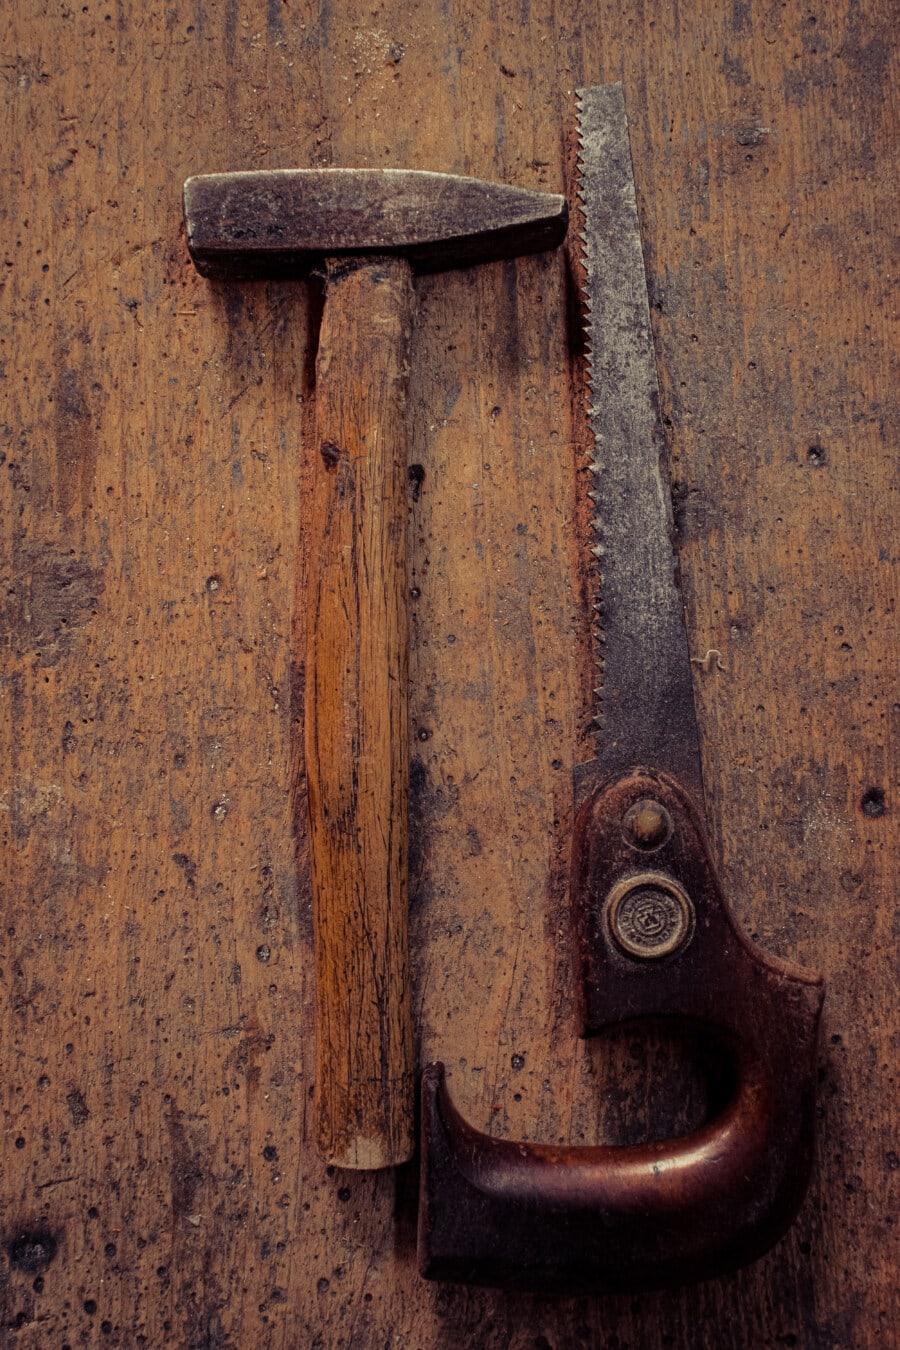 alt, Hammer, Hammerhai, Säge, Sägemehl, Hand-Werkzeug, Workshop, Rost, Eisen, Riegel